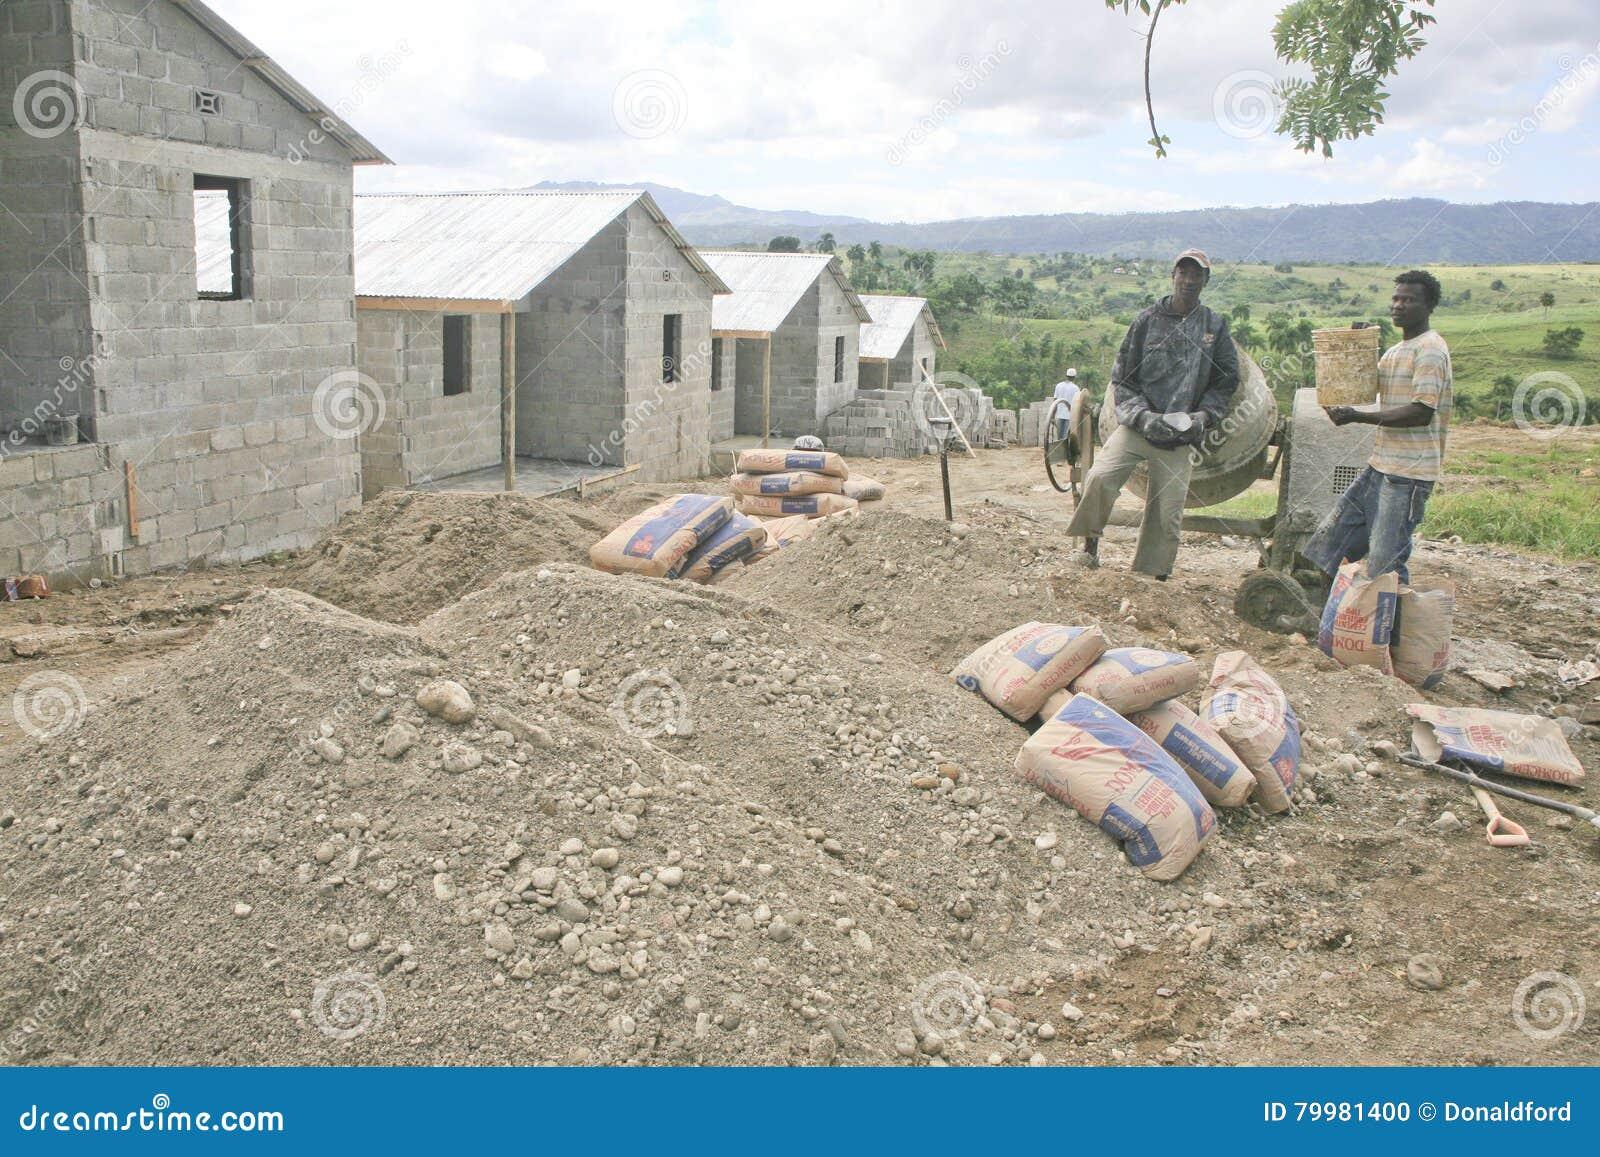 Constructores de casa cabarete rep blica dominicana imagen editorial imagen de clima grava - Constructores de casas ...